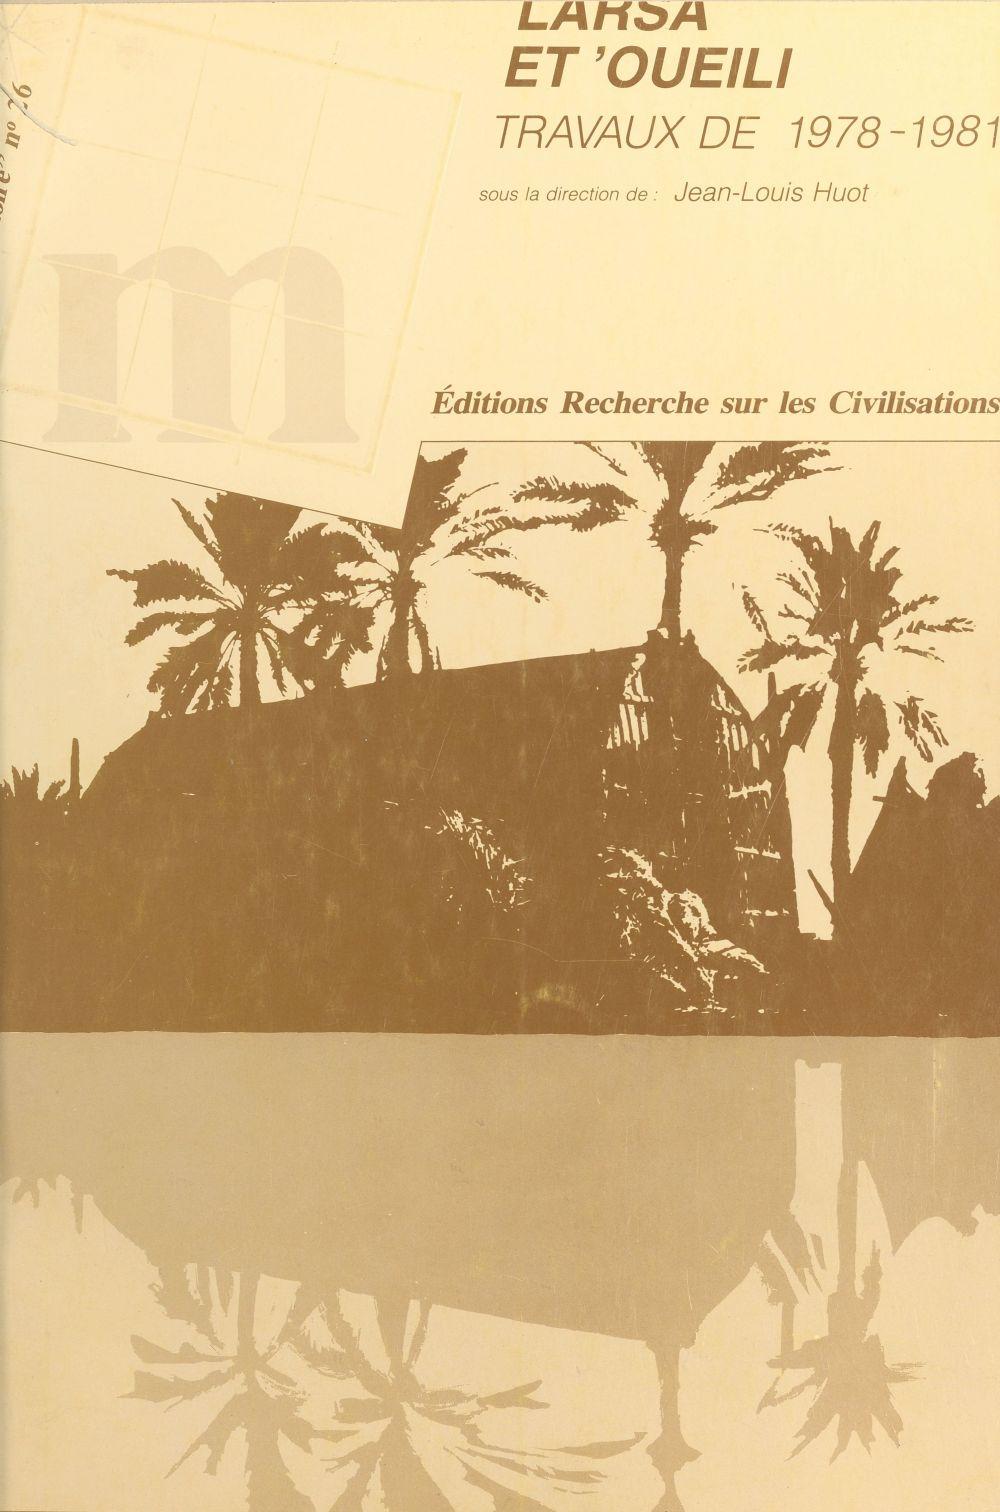 Larsa et 'Oueili : travaux de 1978-1981